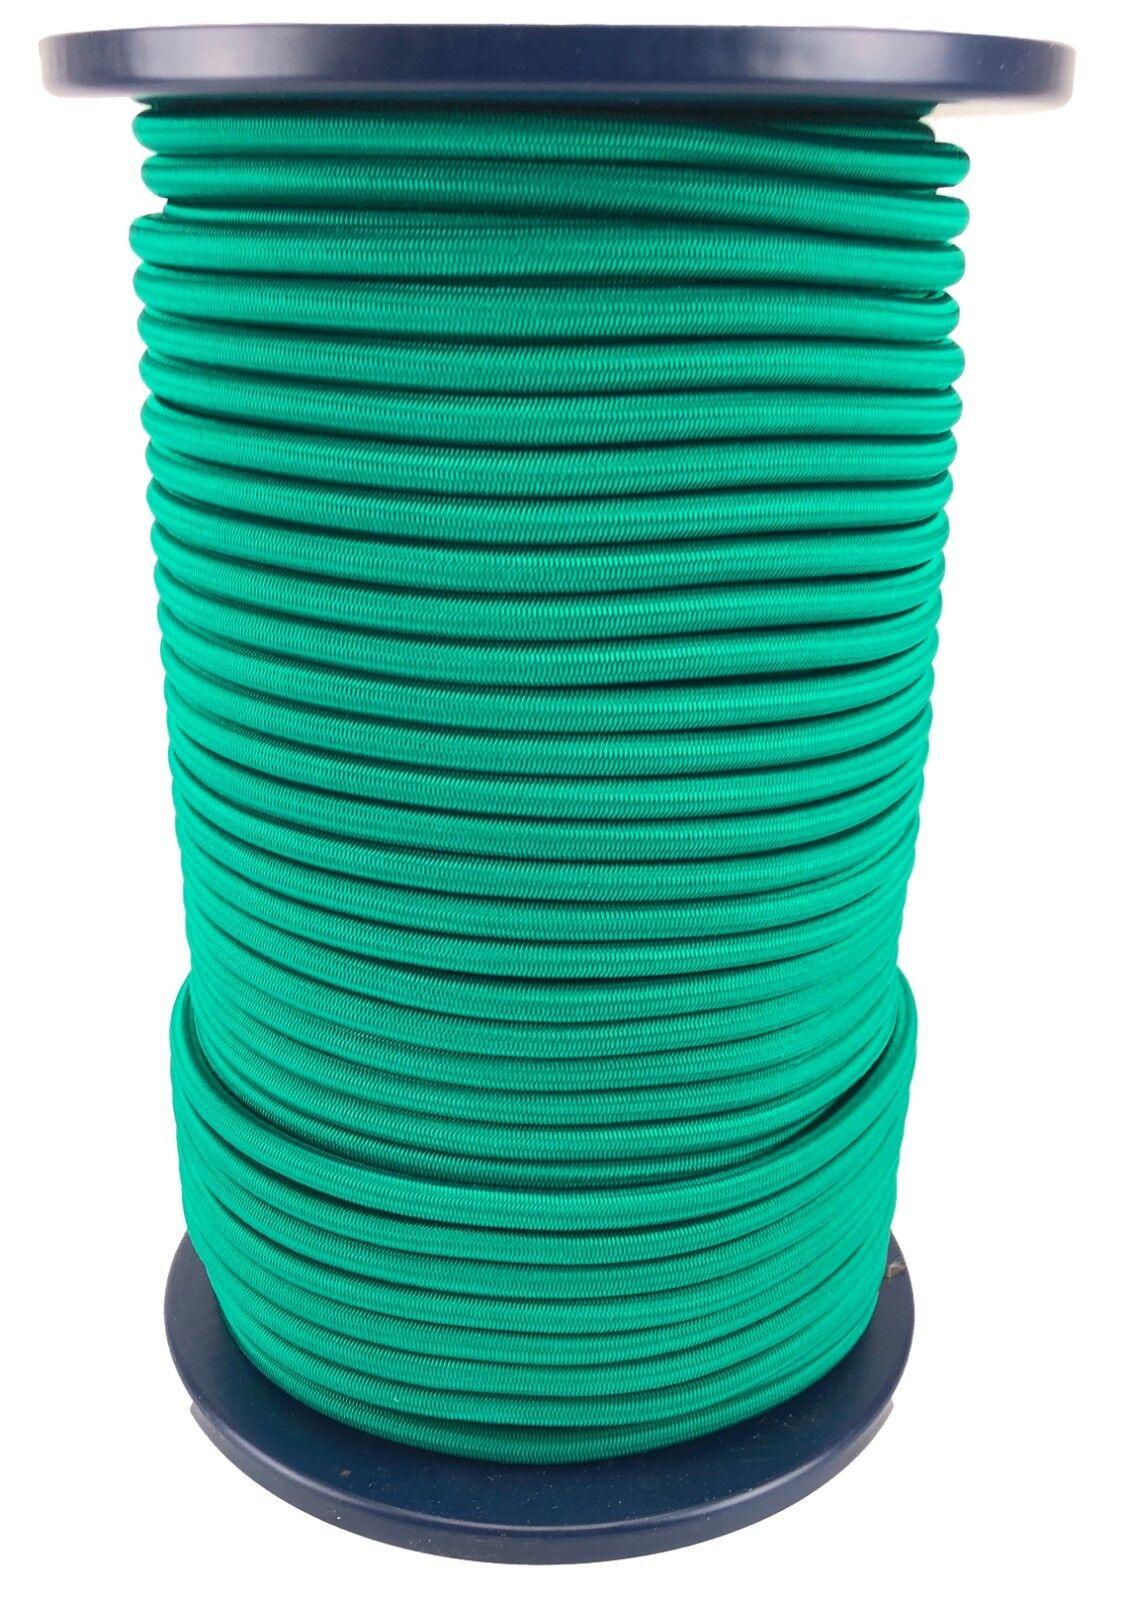 10mm Smaragdgrün Elastischer Gummizug Seil Gummiseil Festbinden UV Stabil